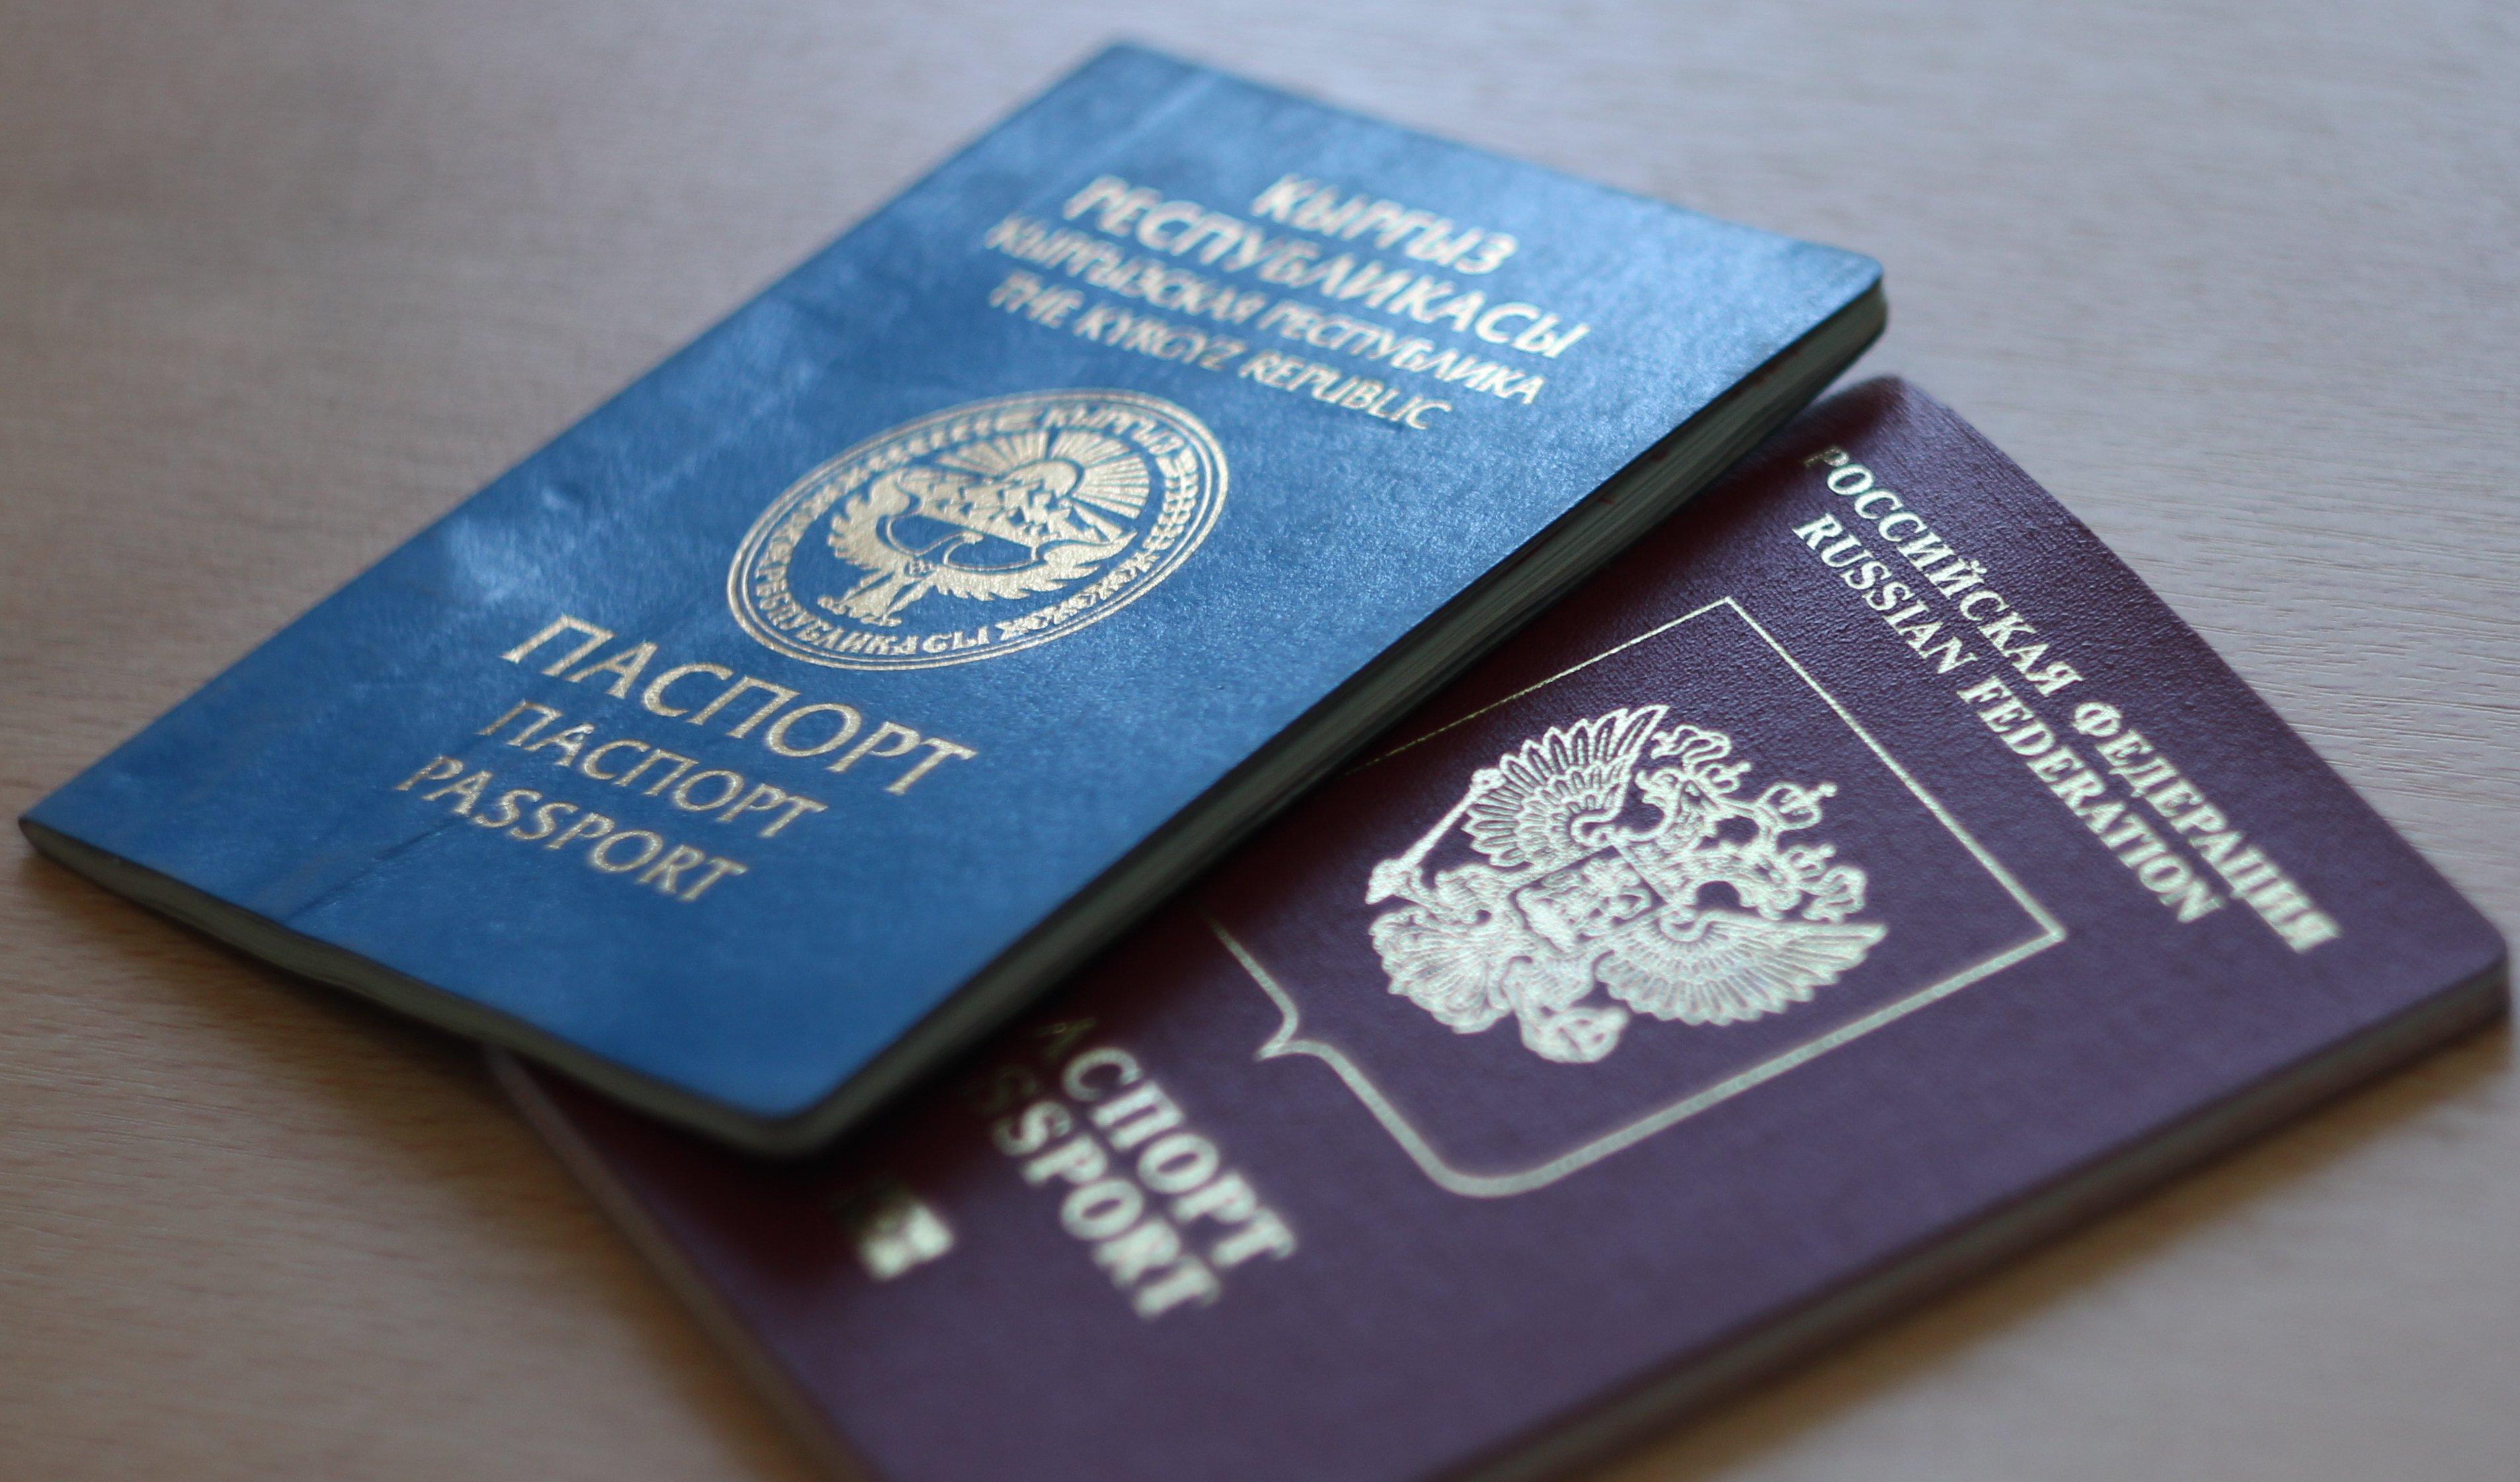 Прием на работу граждан из Киргизии в 2018 году: документы